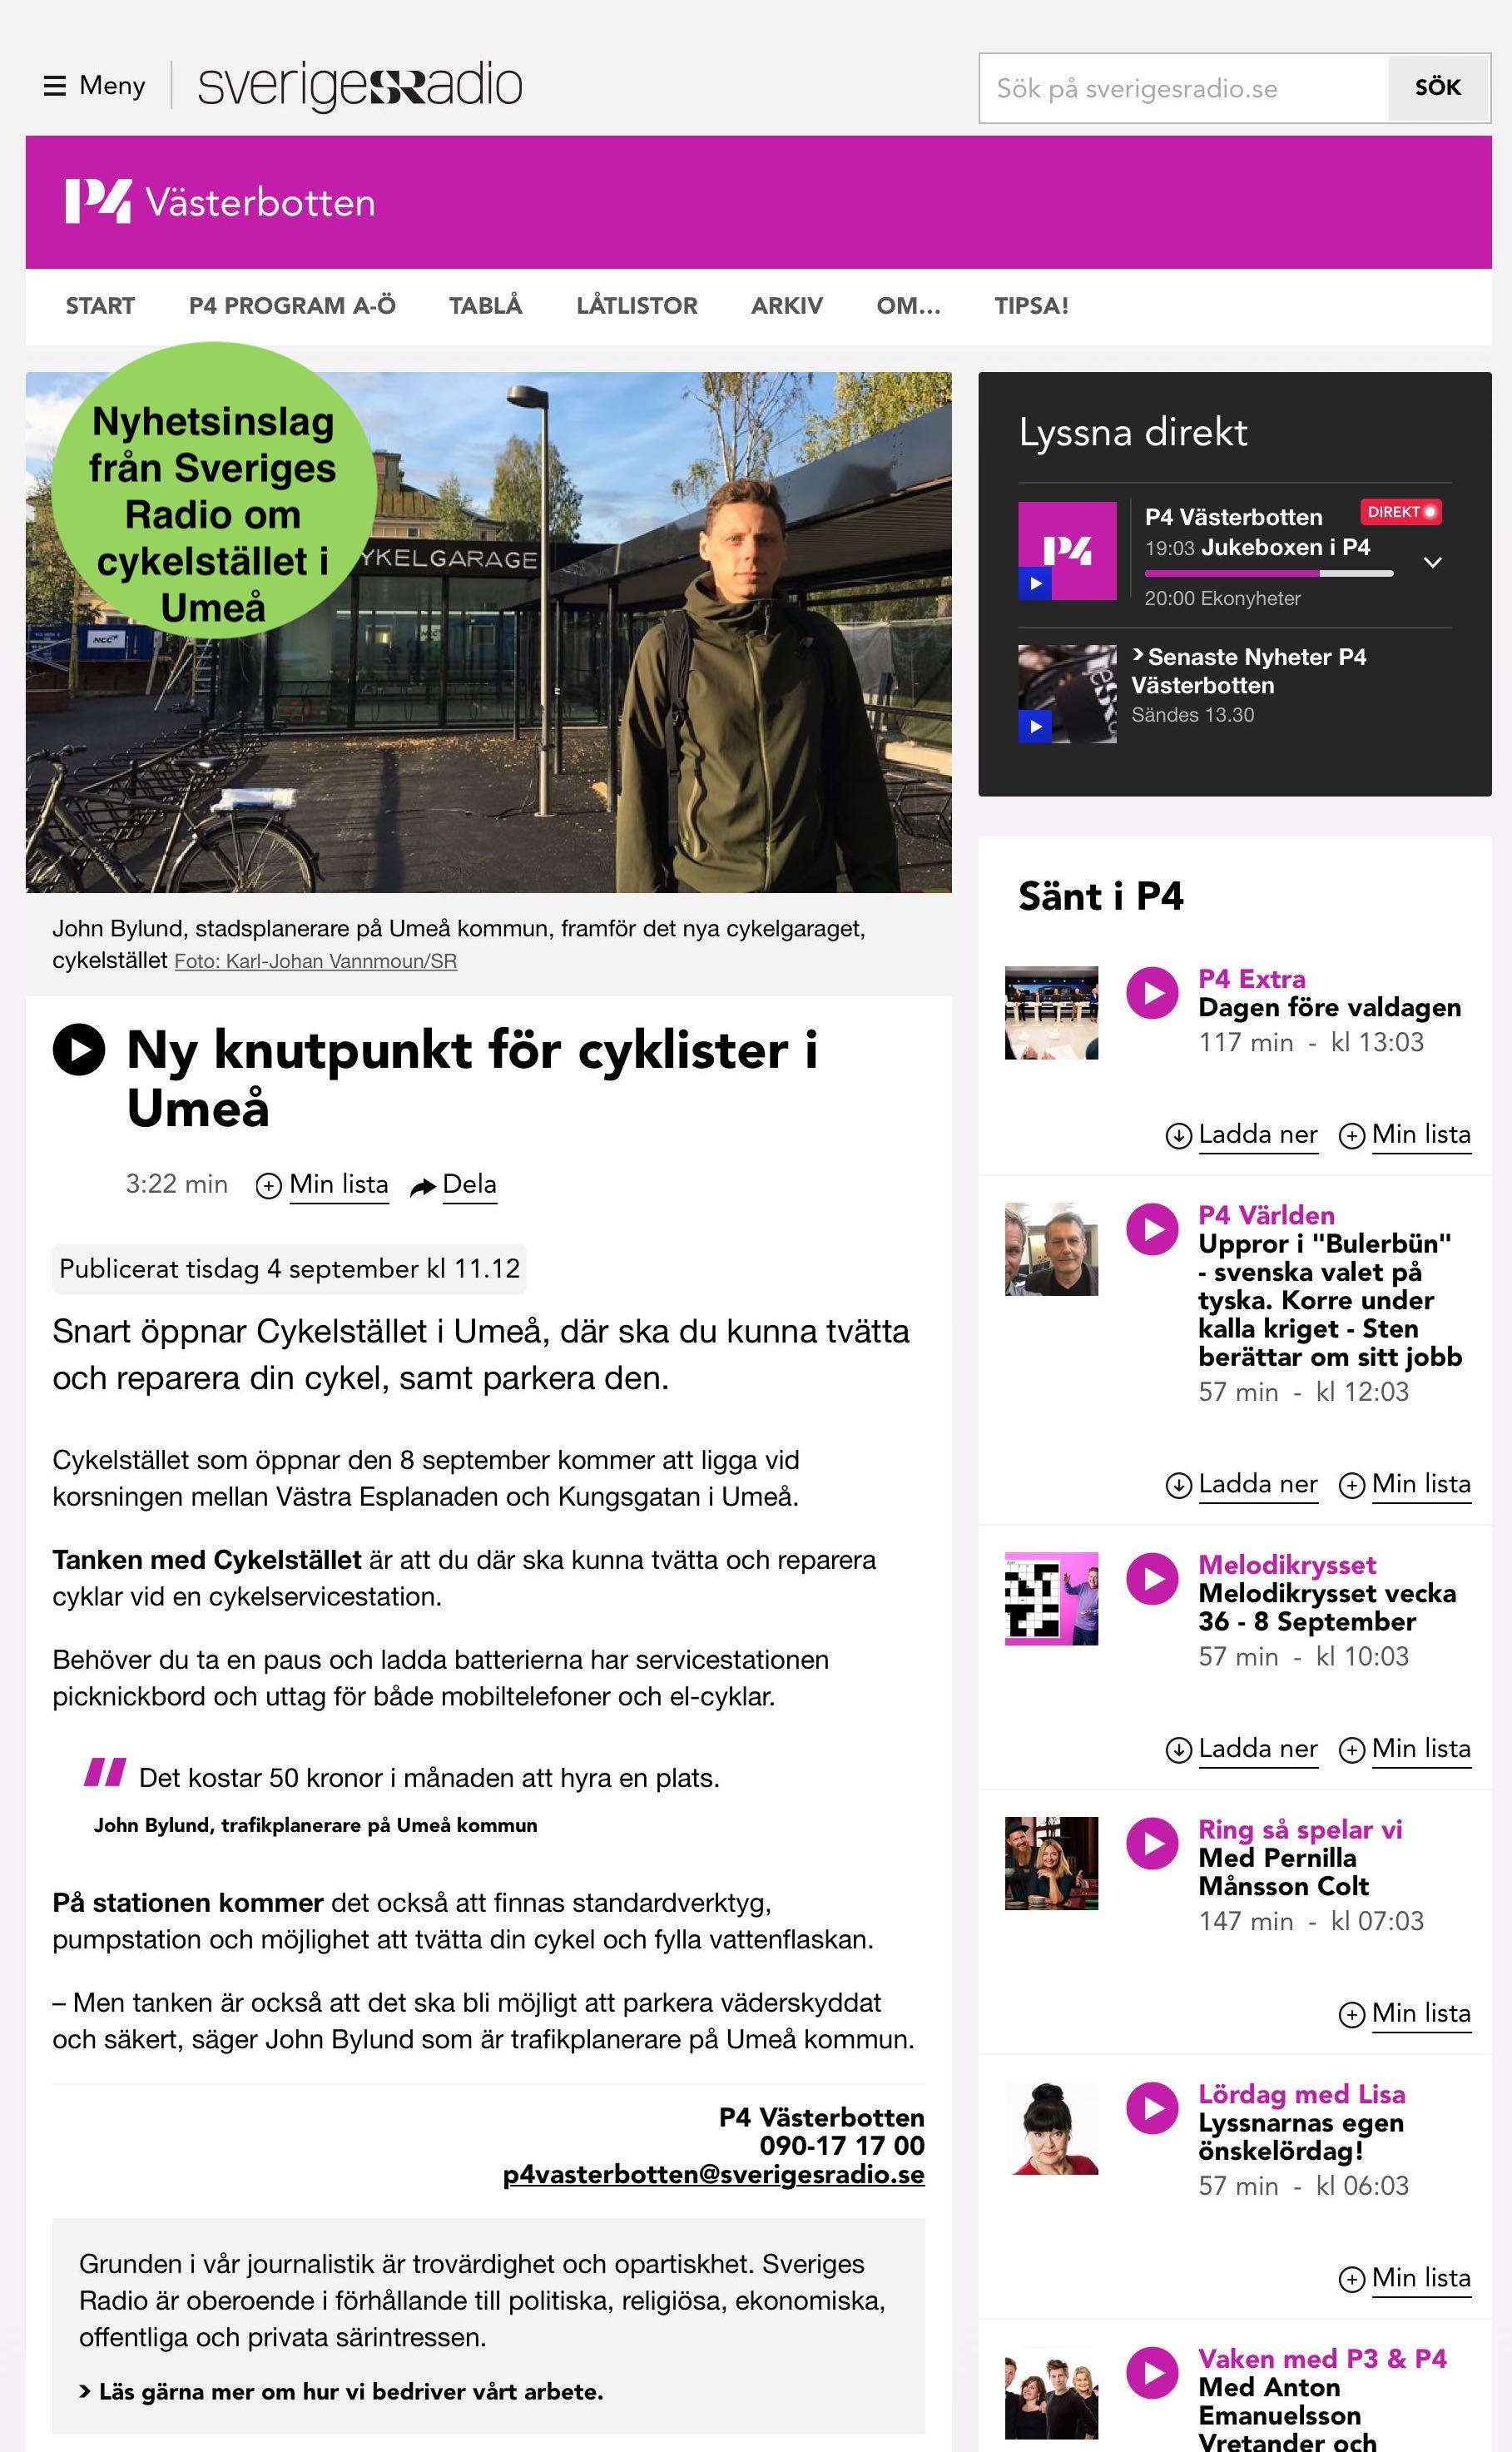 """Sveriges Radio P4 rapporterar om invigningen av """"Cykelstället"""" i Umeå där Cyklos levererat ett uppvärmt cykelgarage, cykelställ och cykeltak"""